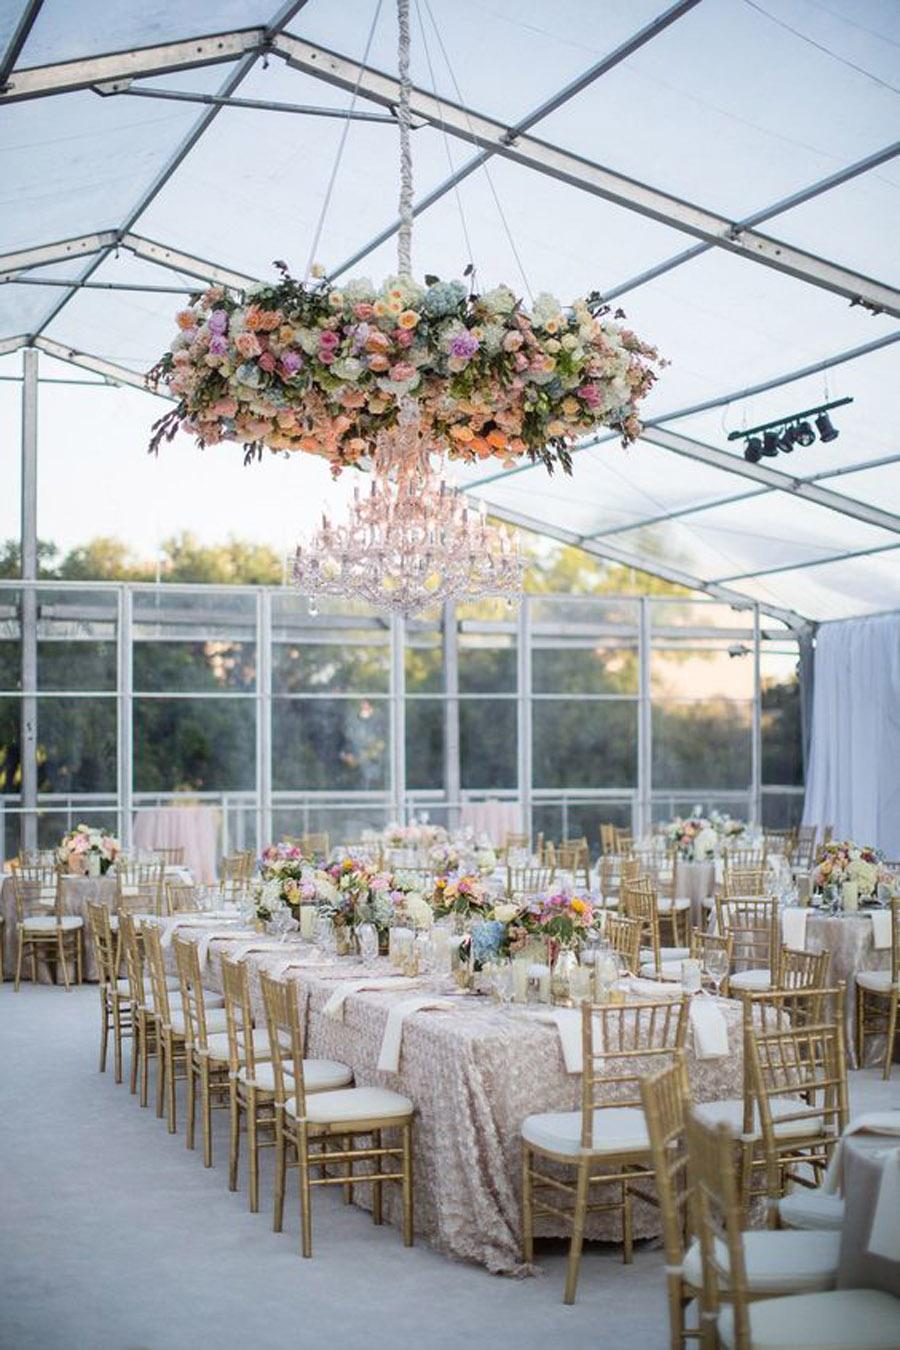 INSPIRACIÓN: CANDELABROS DE FLORES SUSPENDIDOS boda-candelabros-flores